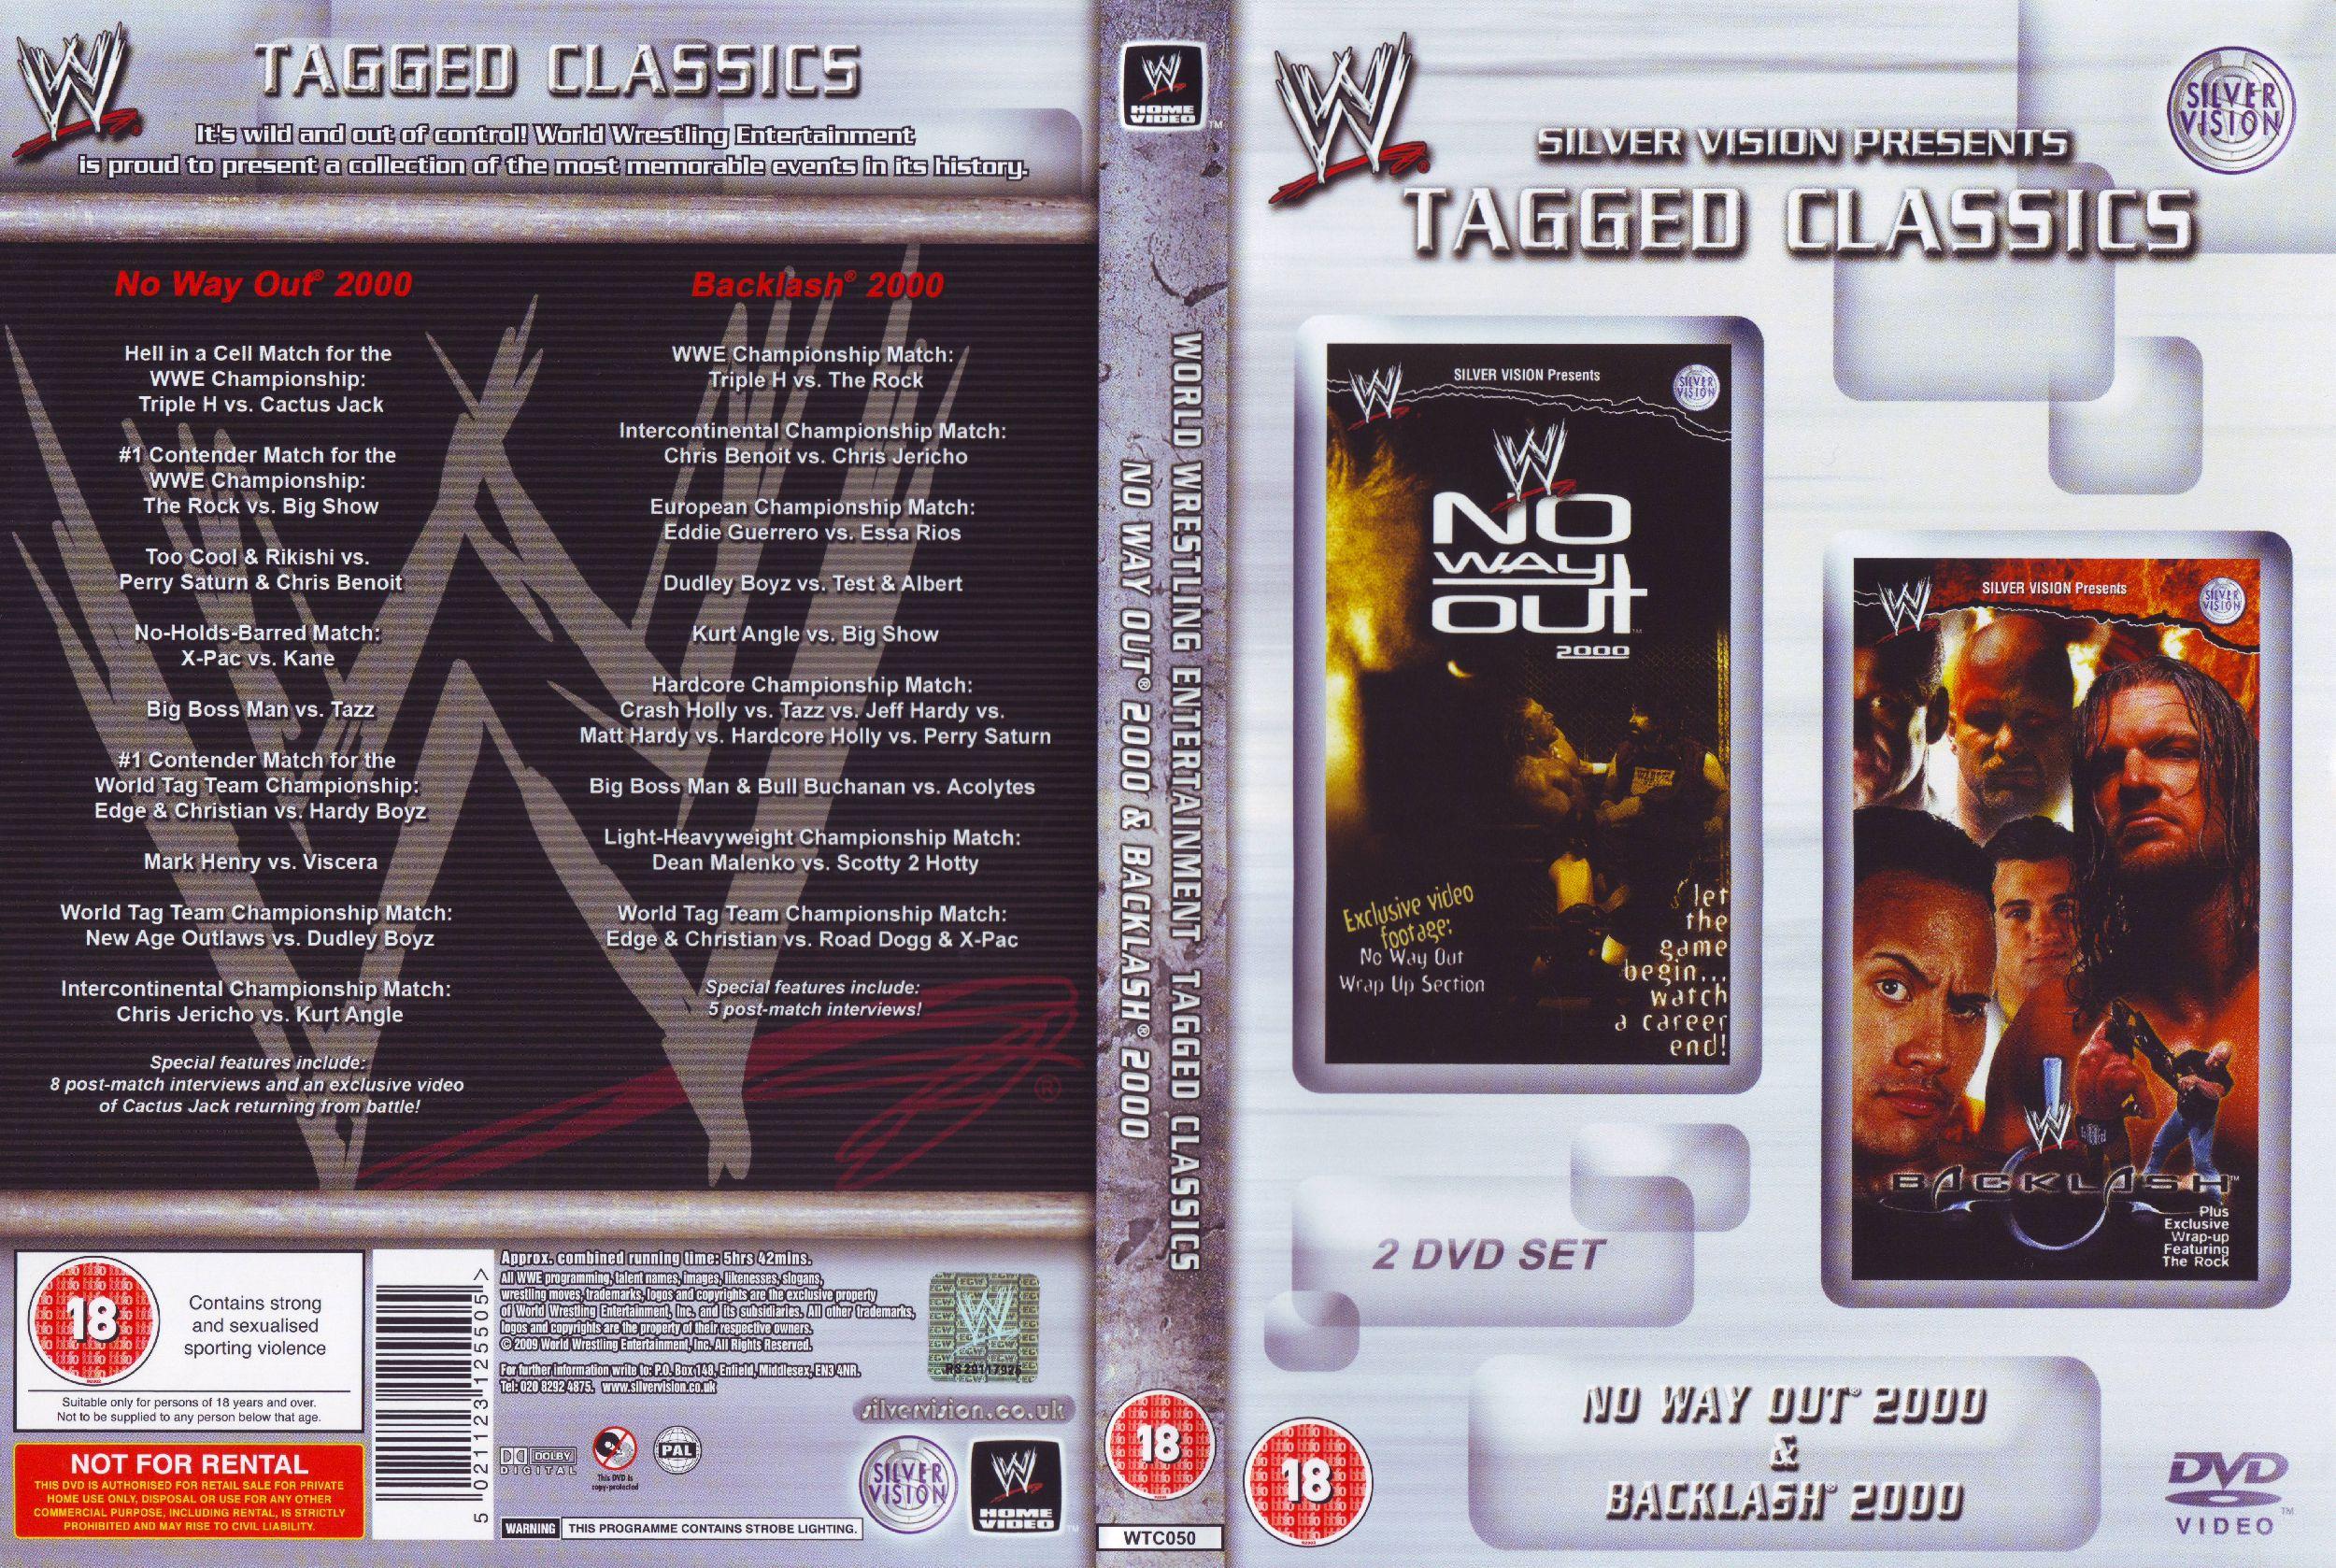 WWENoWayOut2000